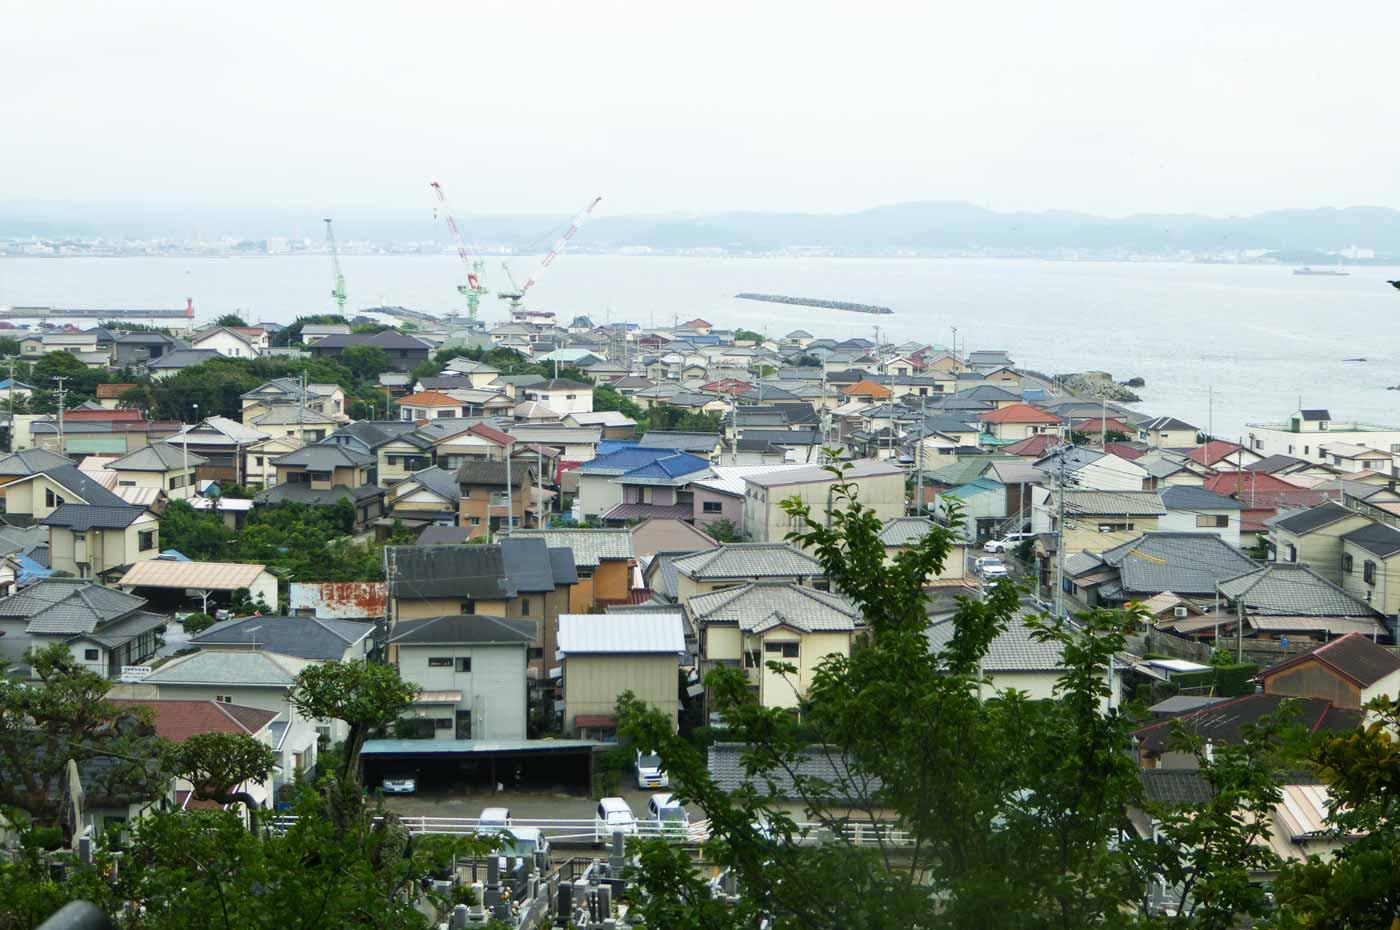 大福寺観音堂から見た館山湾(鏡ヶ浦)の画像